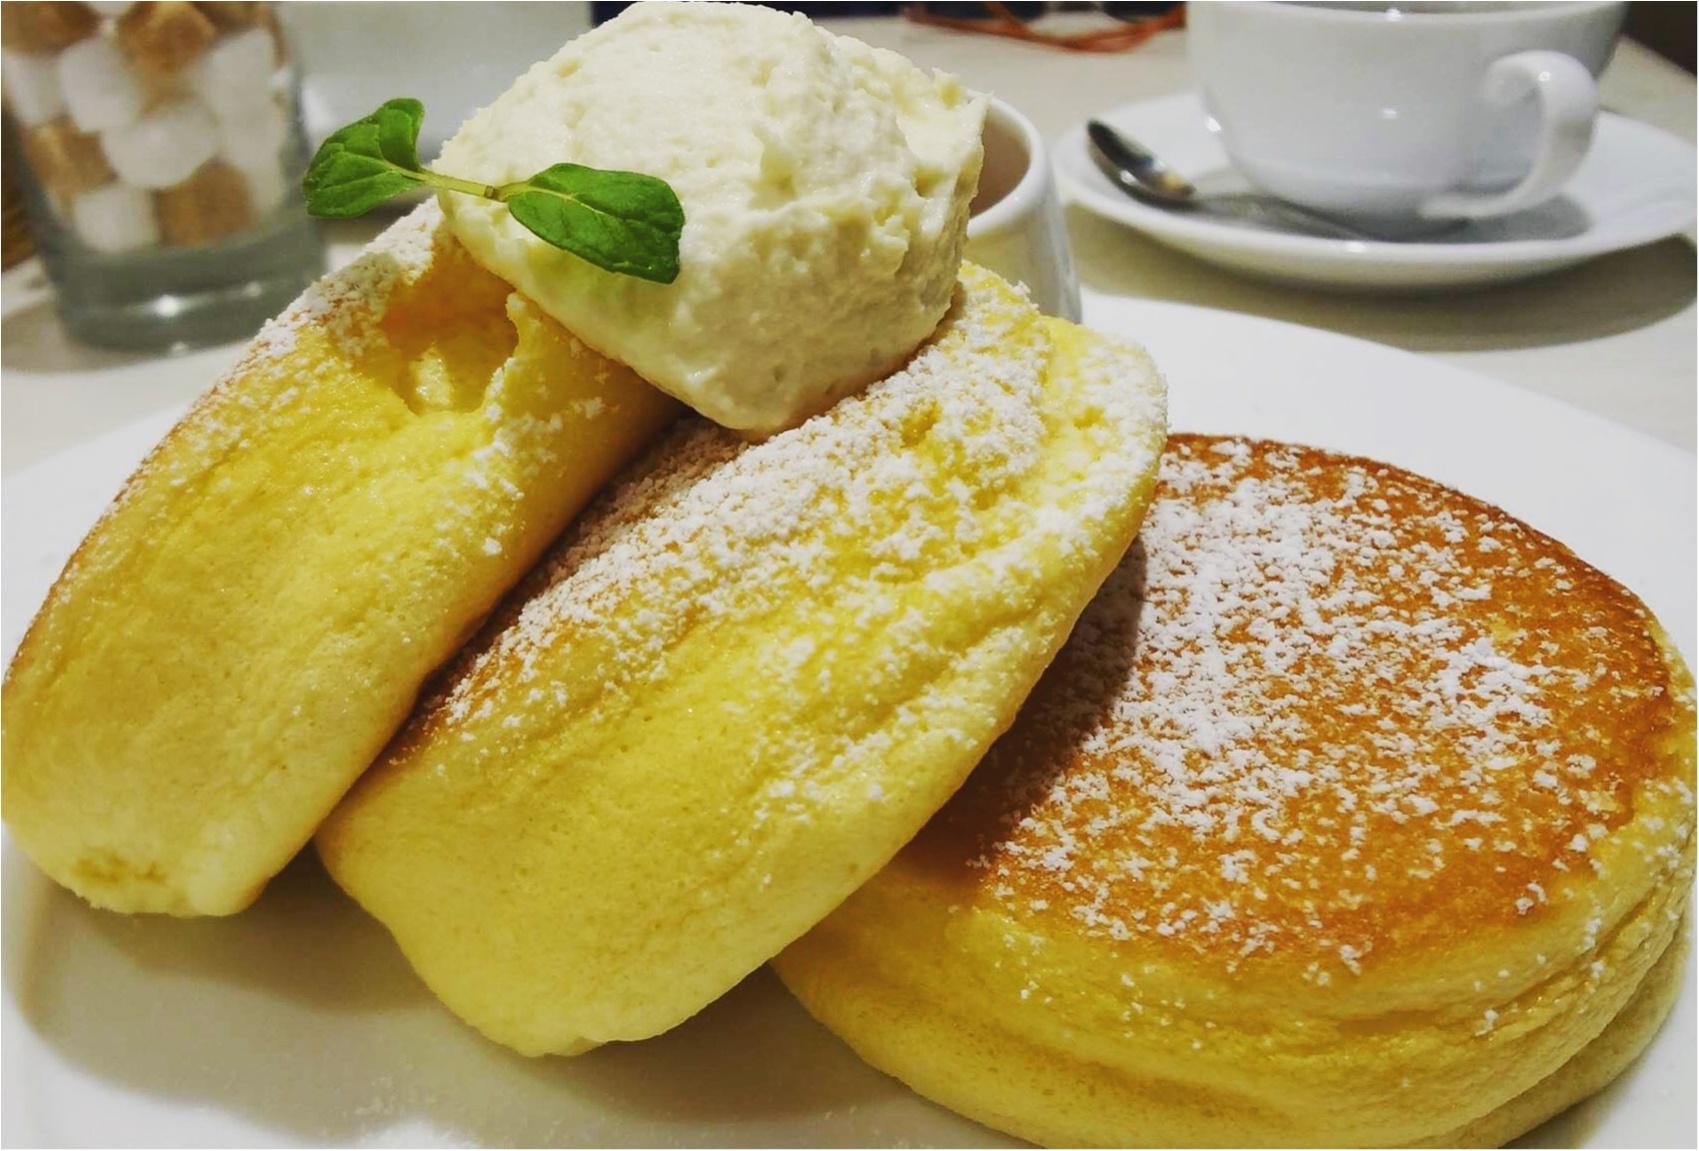 大人気!幸せのパンケーキ♡日曜日に待ち時間15分程で入店できました((´∀`*))✨≪samenyan≫_7